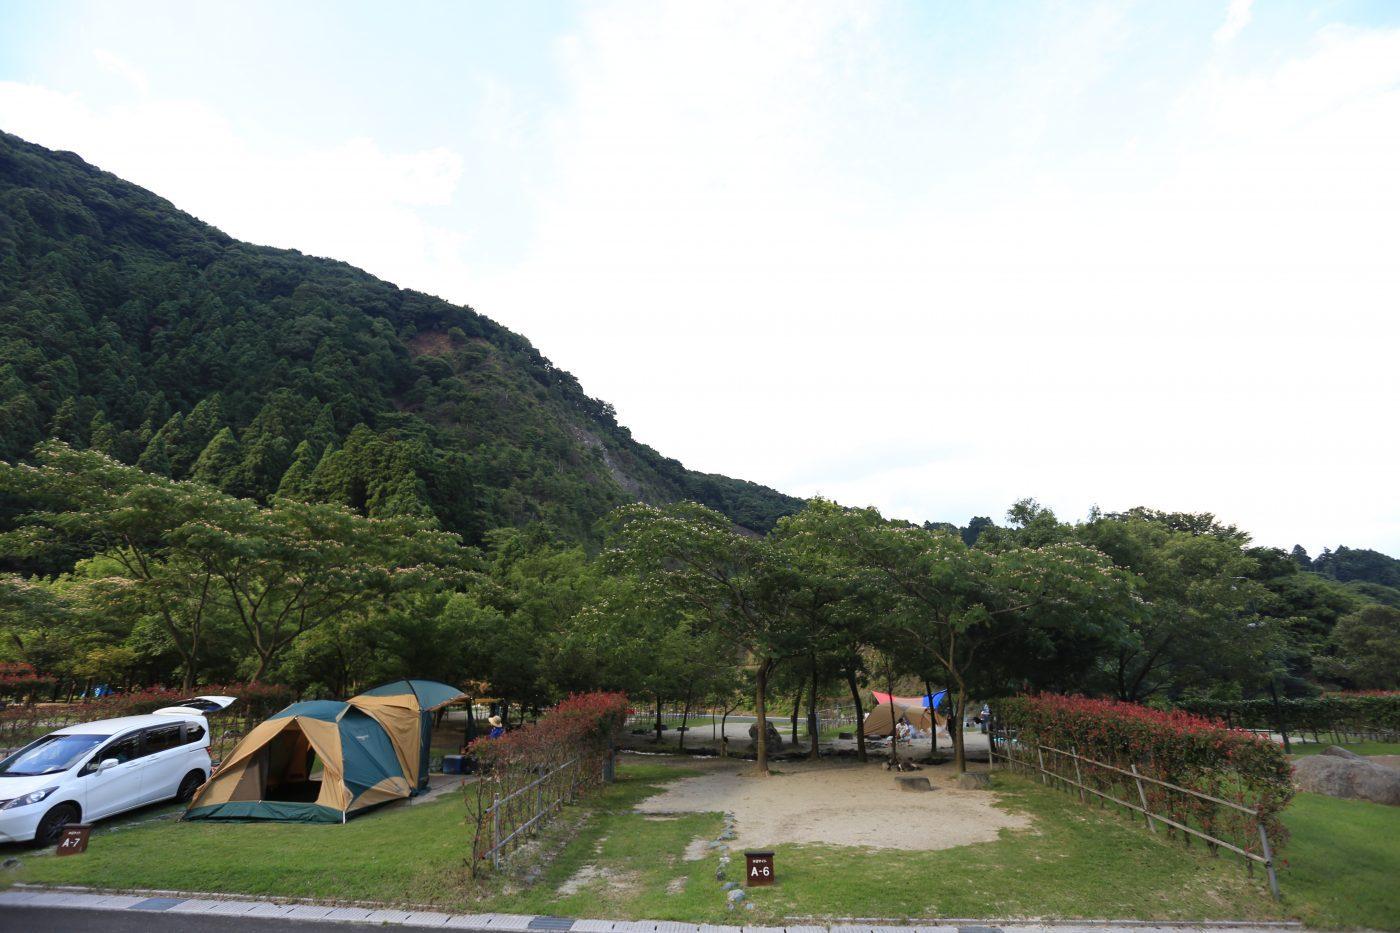 キャンプで雨が降ってしまった時の対策について